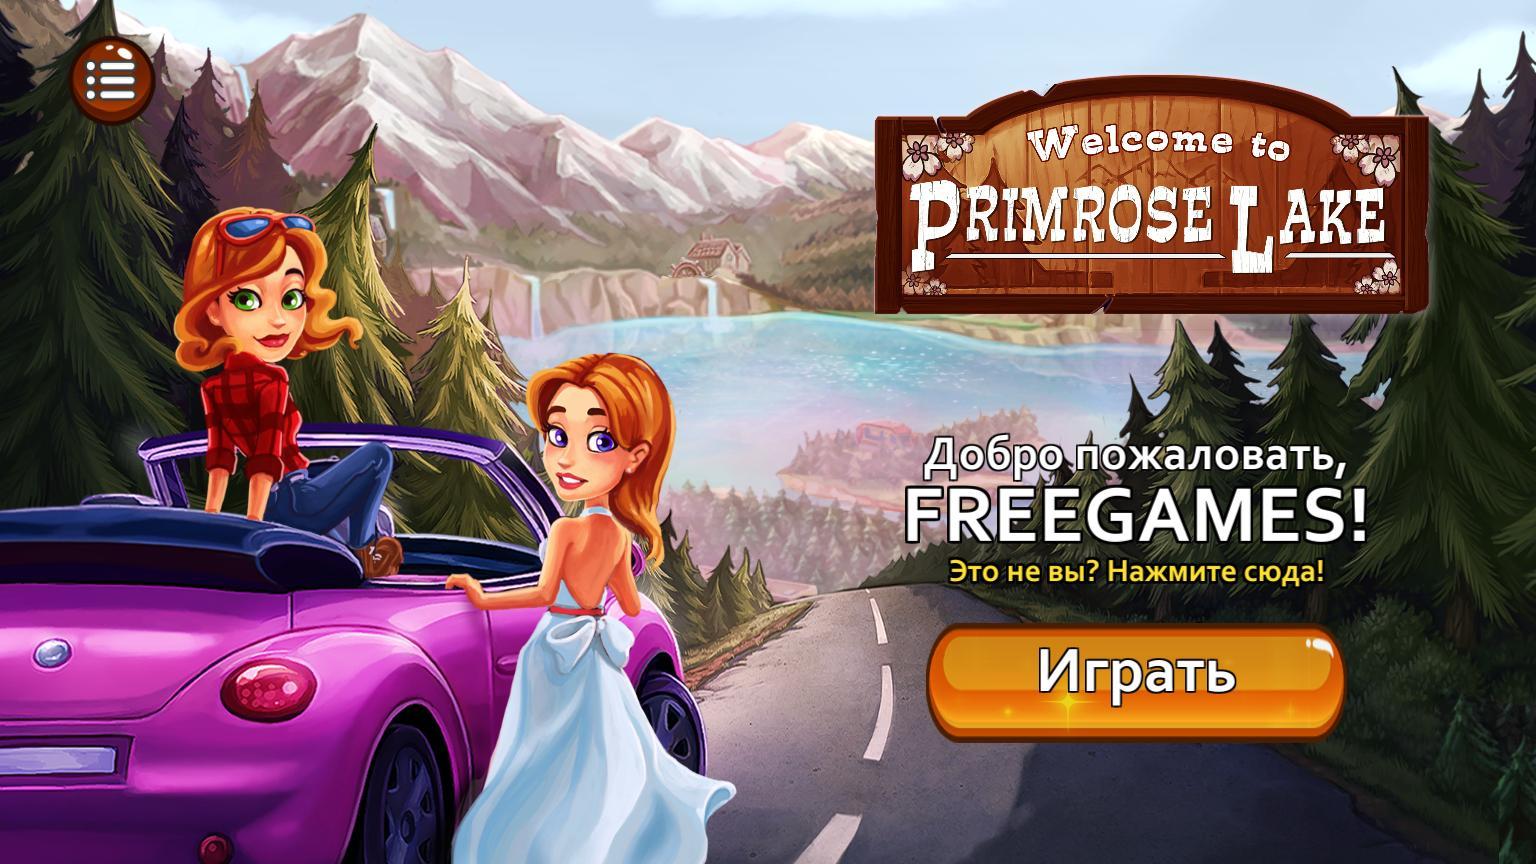 Добро пожаловать в Примроуз-Лейк | Welcome to Primrose Lake (Rus)